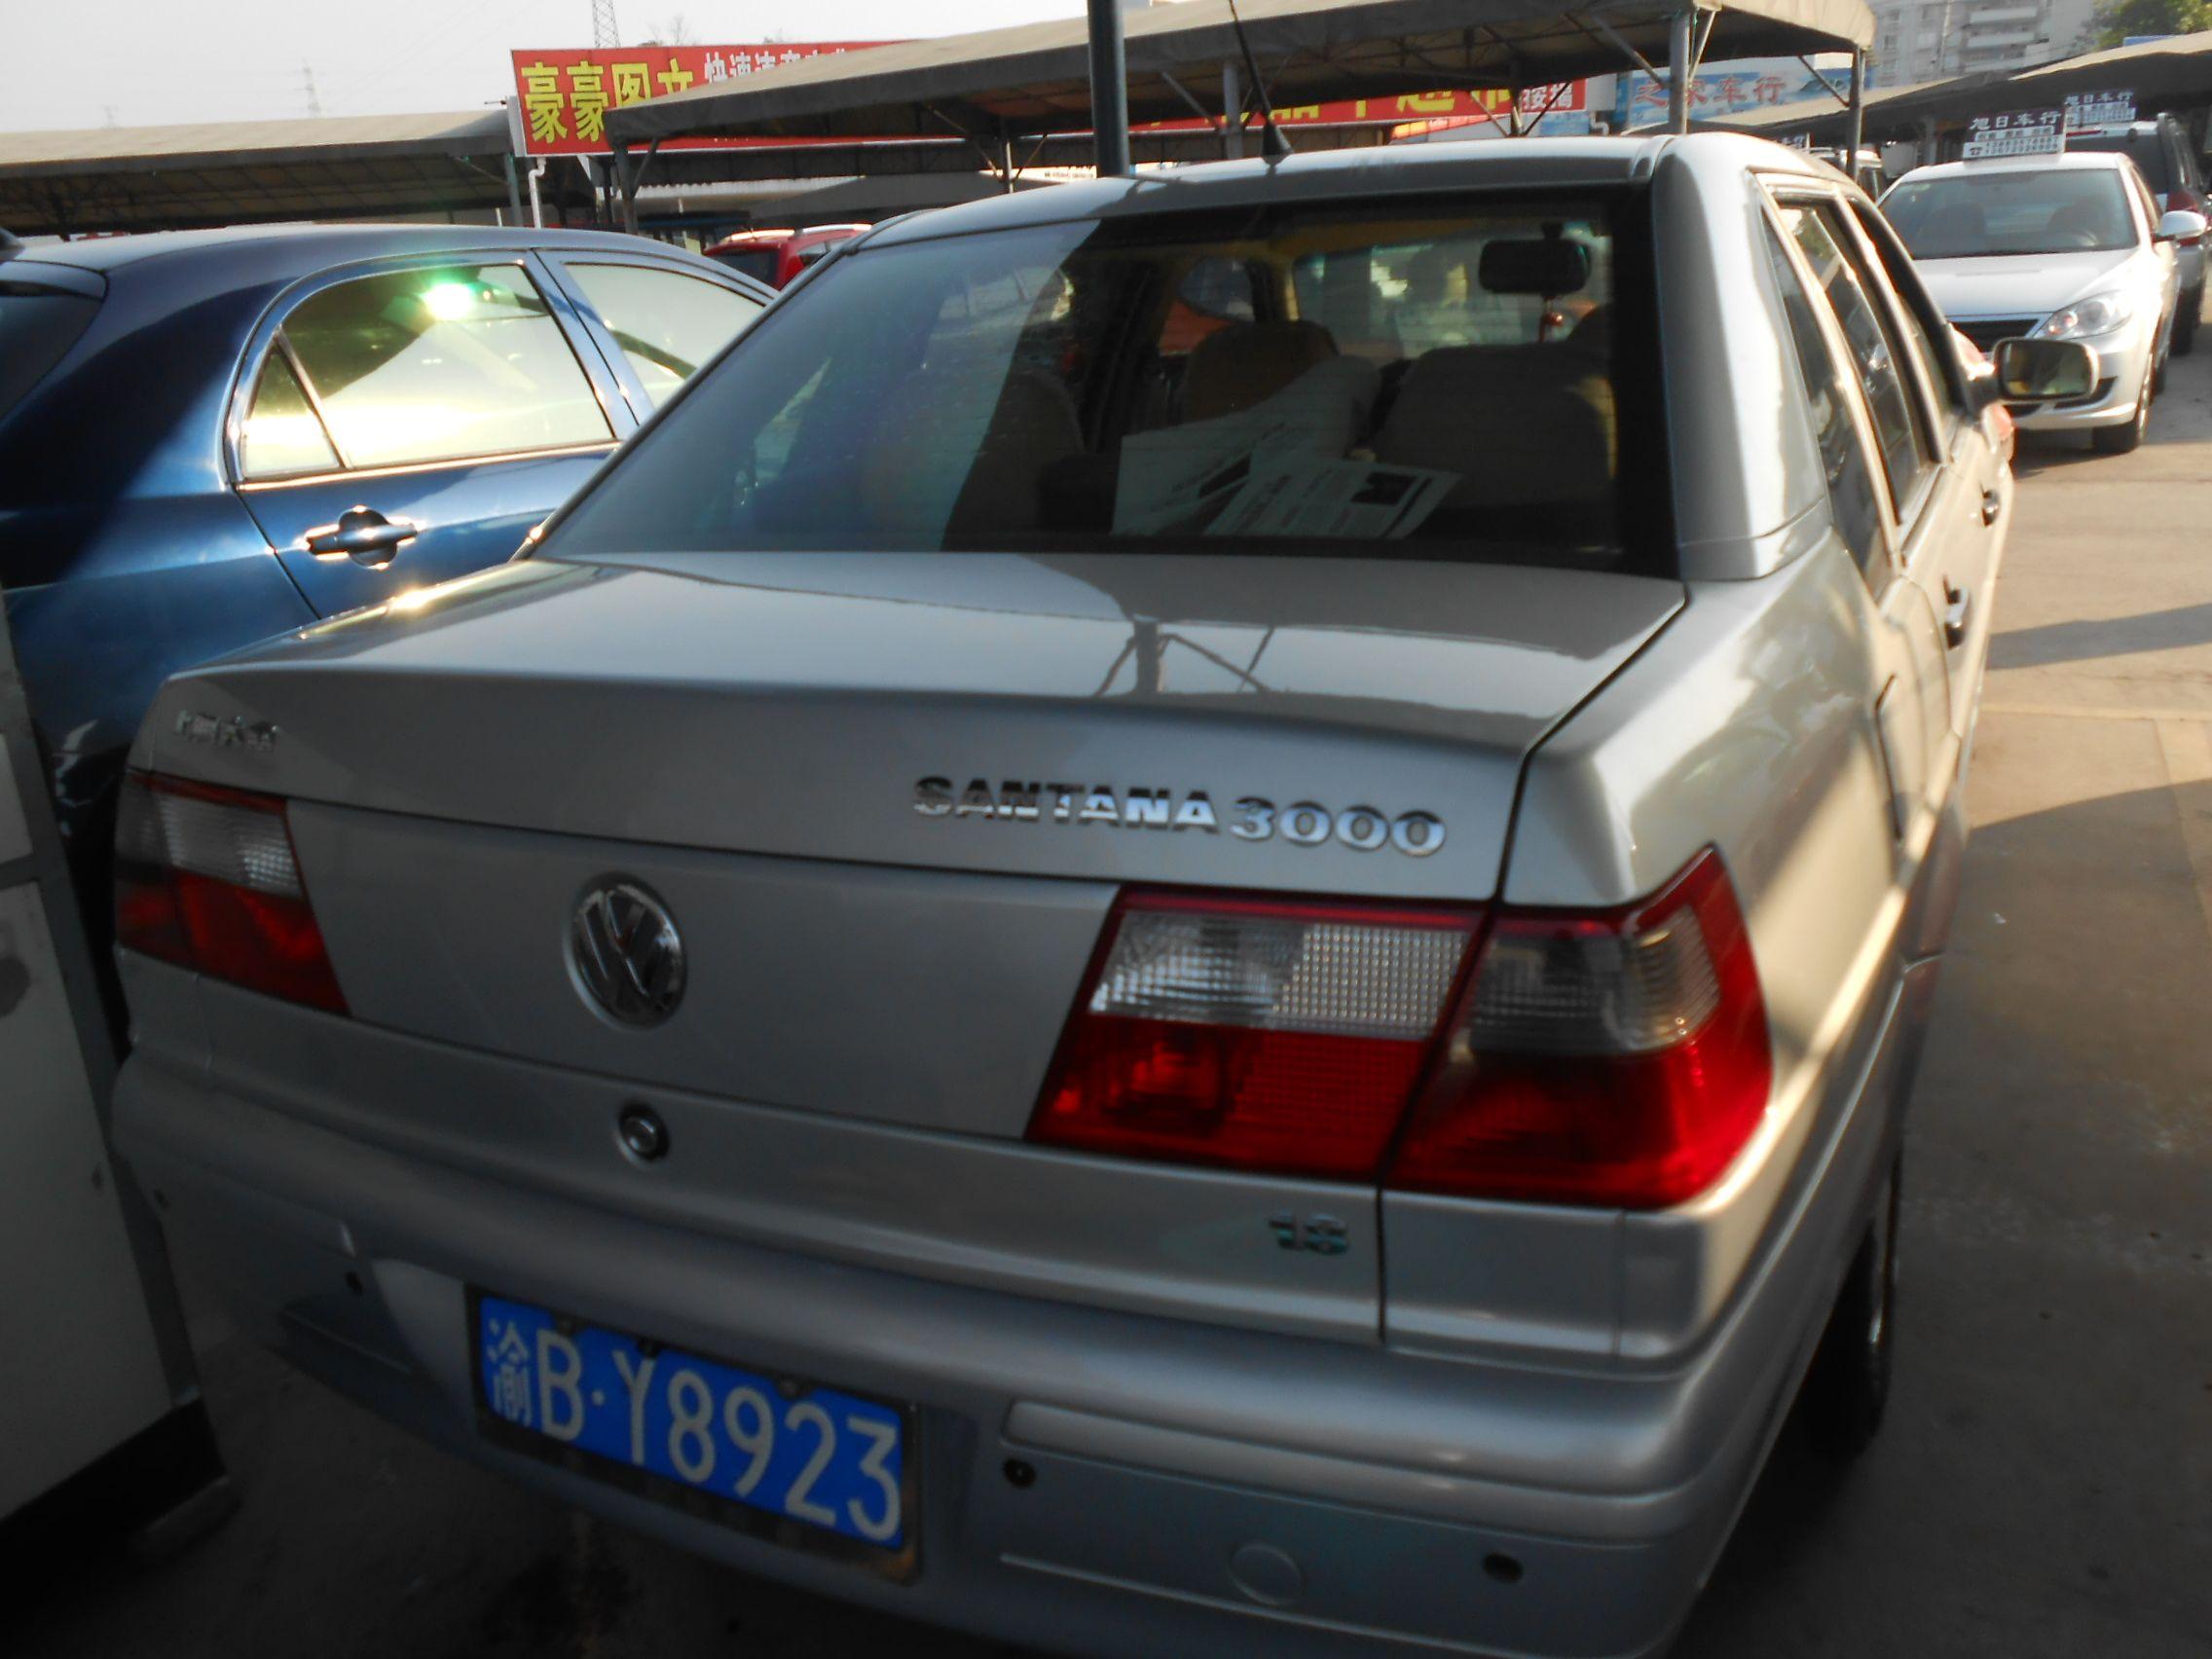 车辆实拍照片 重庆南岸区 2006年 桑塔纳3000超越者1高清图片